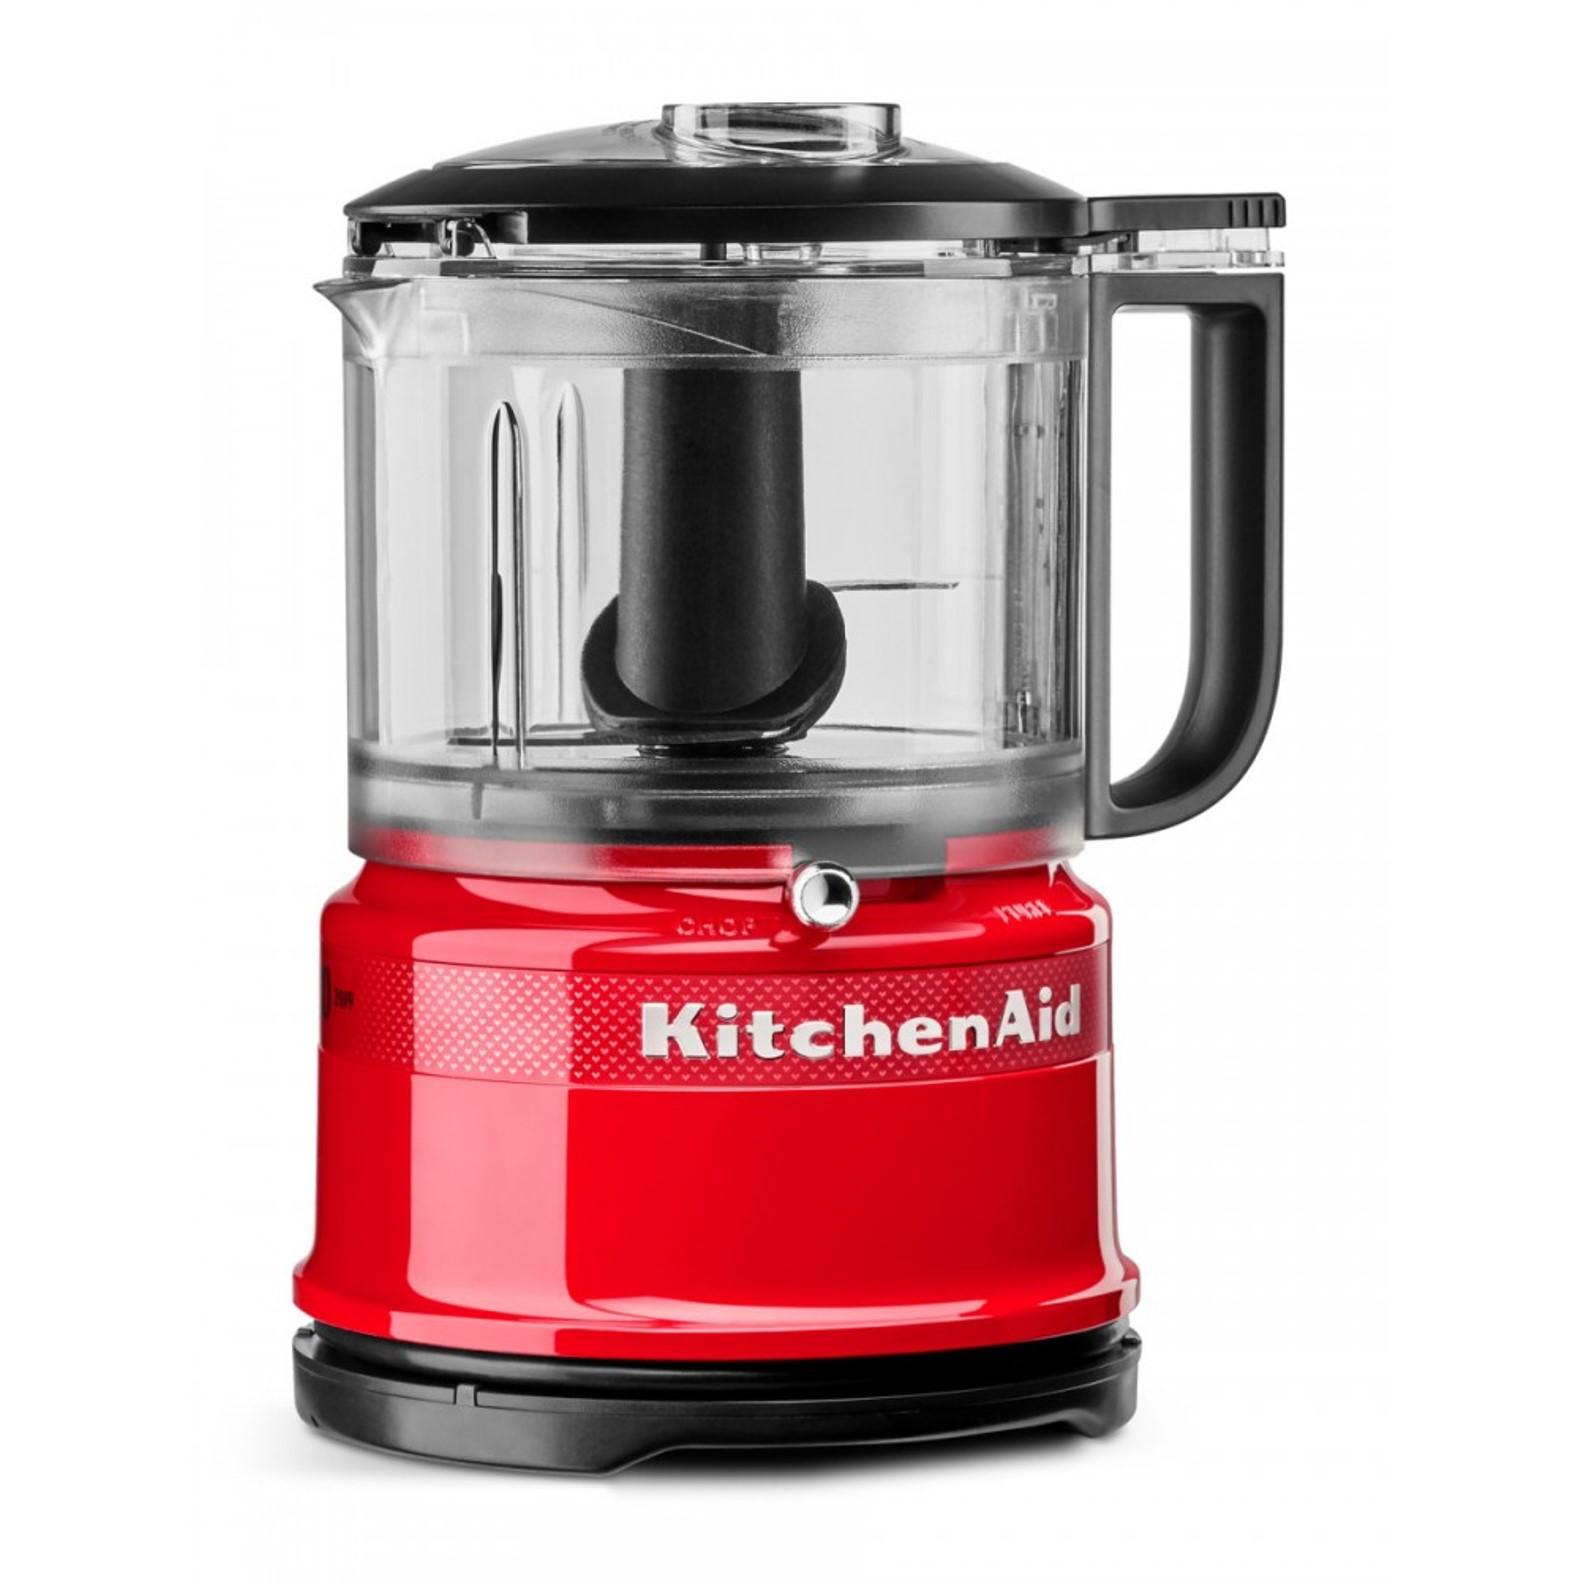 Измельчитель KitchenAid Queen of Hearts, объем 0,83 л, 22,2x17,8x14,3 см, чувственный красный KitchenAid 5KFC3516HESD фото 3